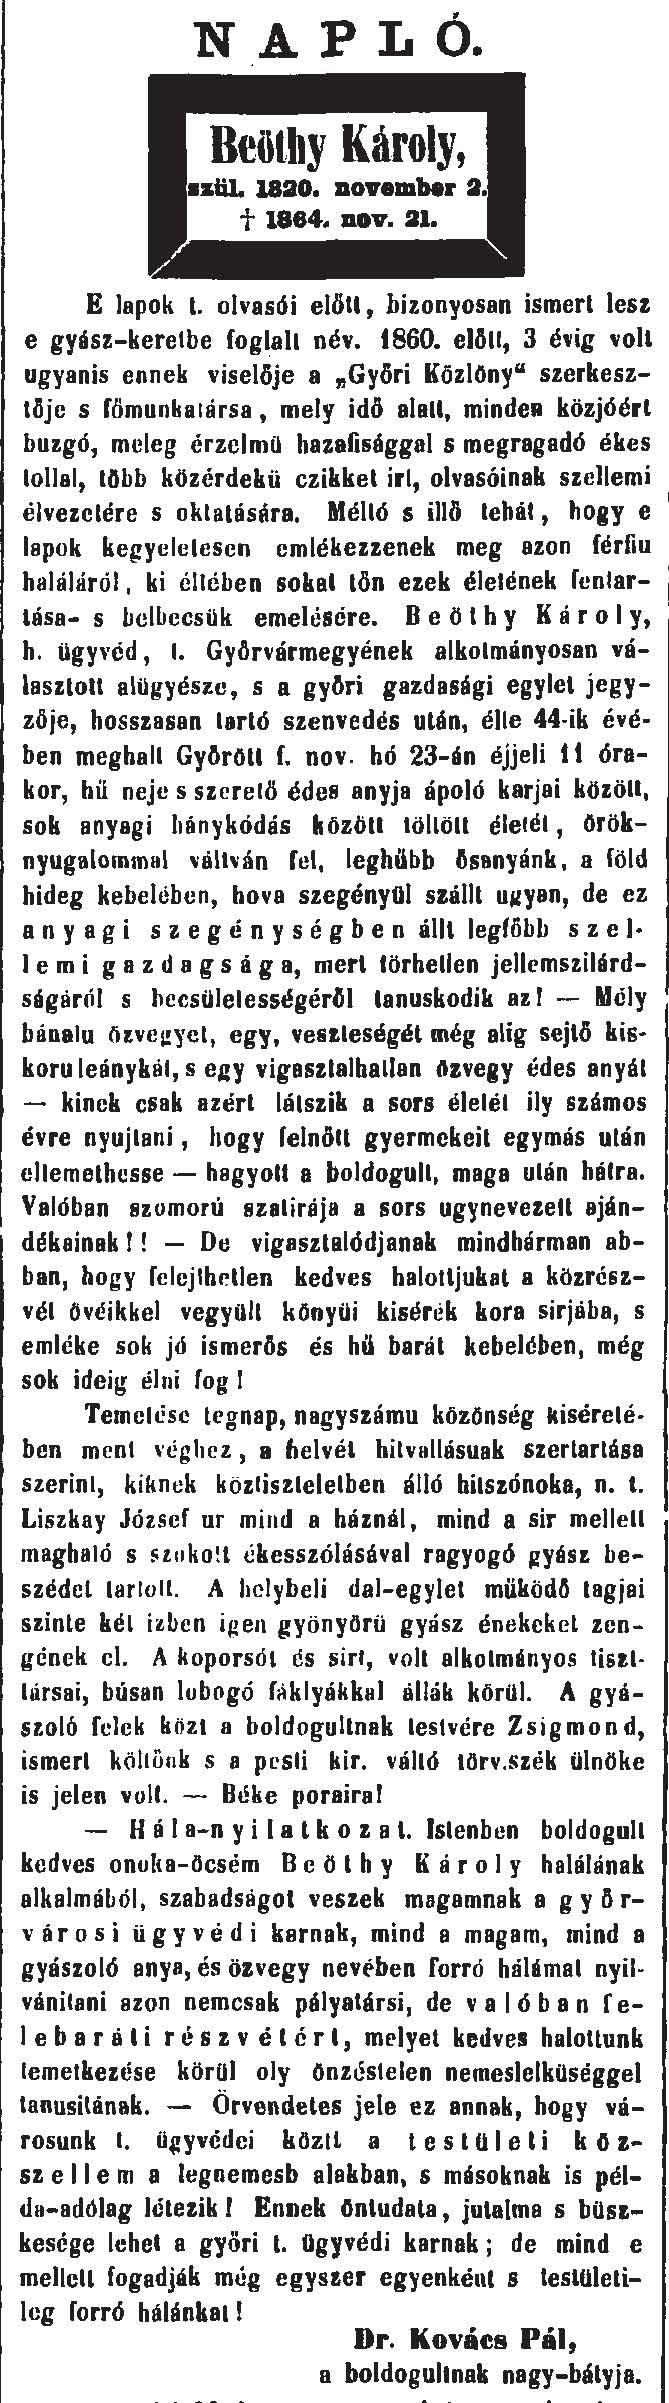 Dr. Kovács Pál cikke Beöthy Károly haláláról a Győri Közlönyben